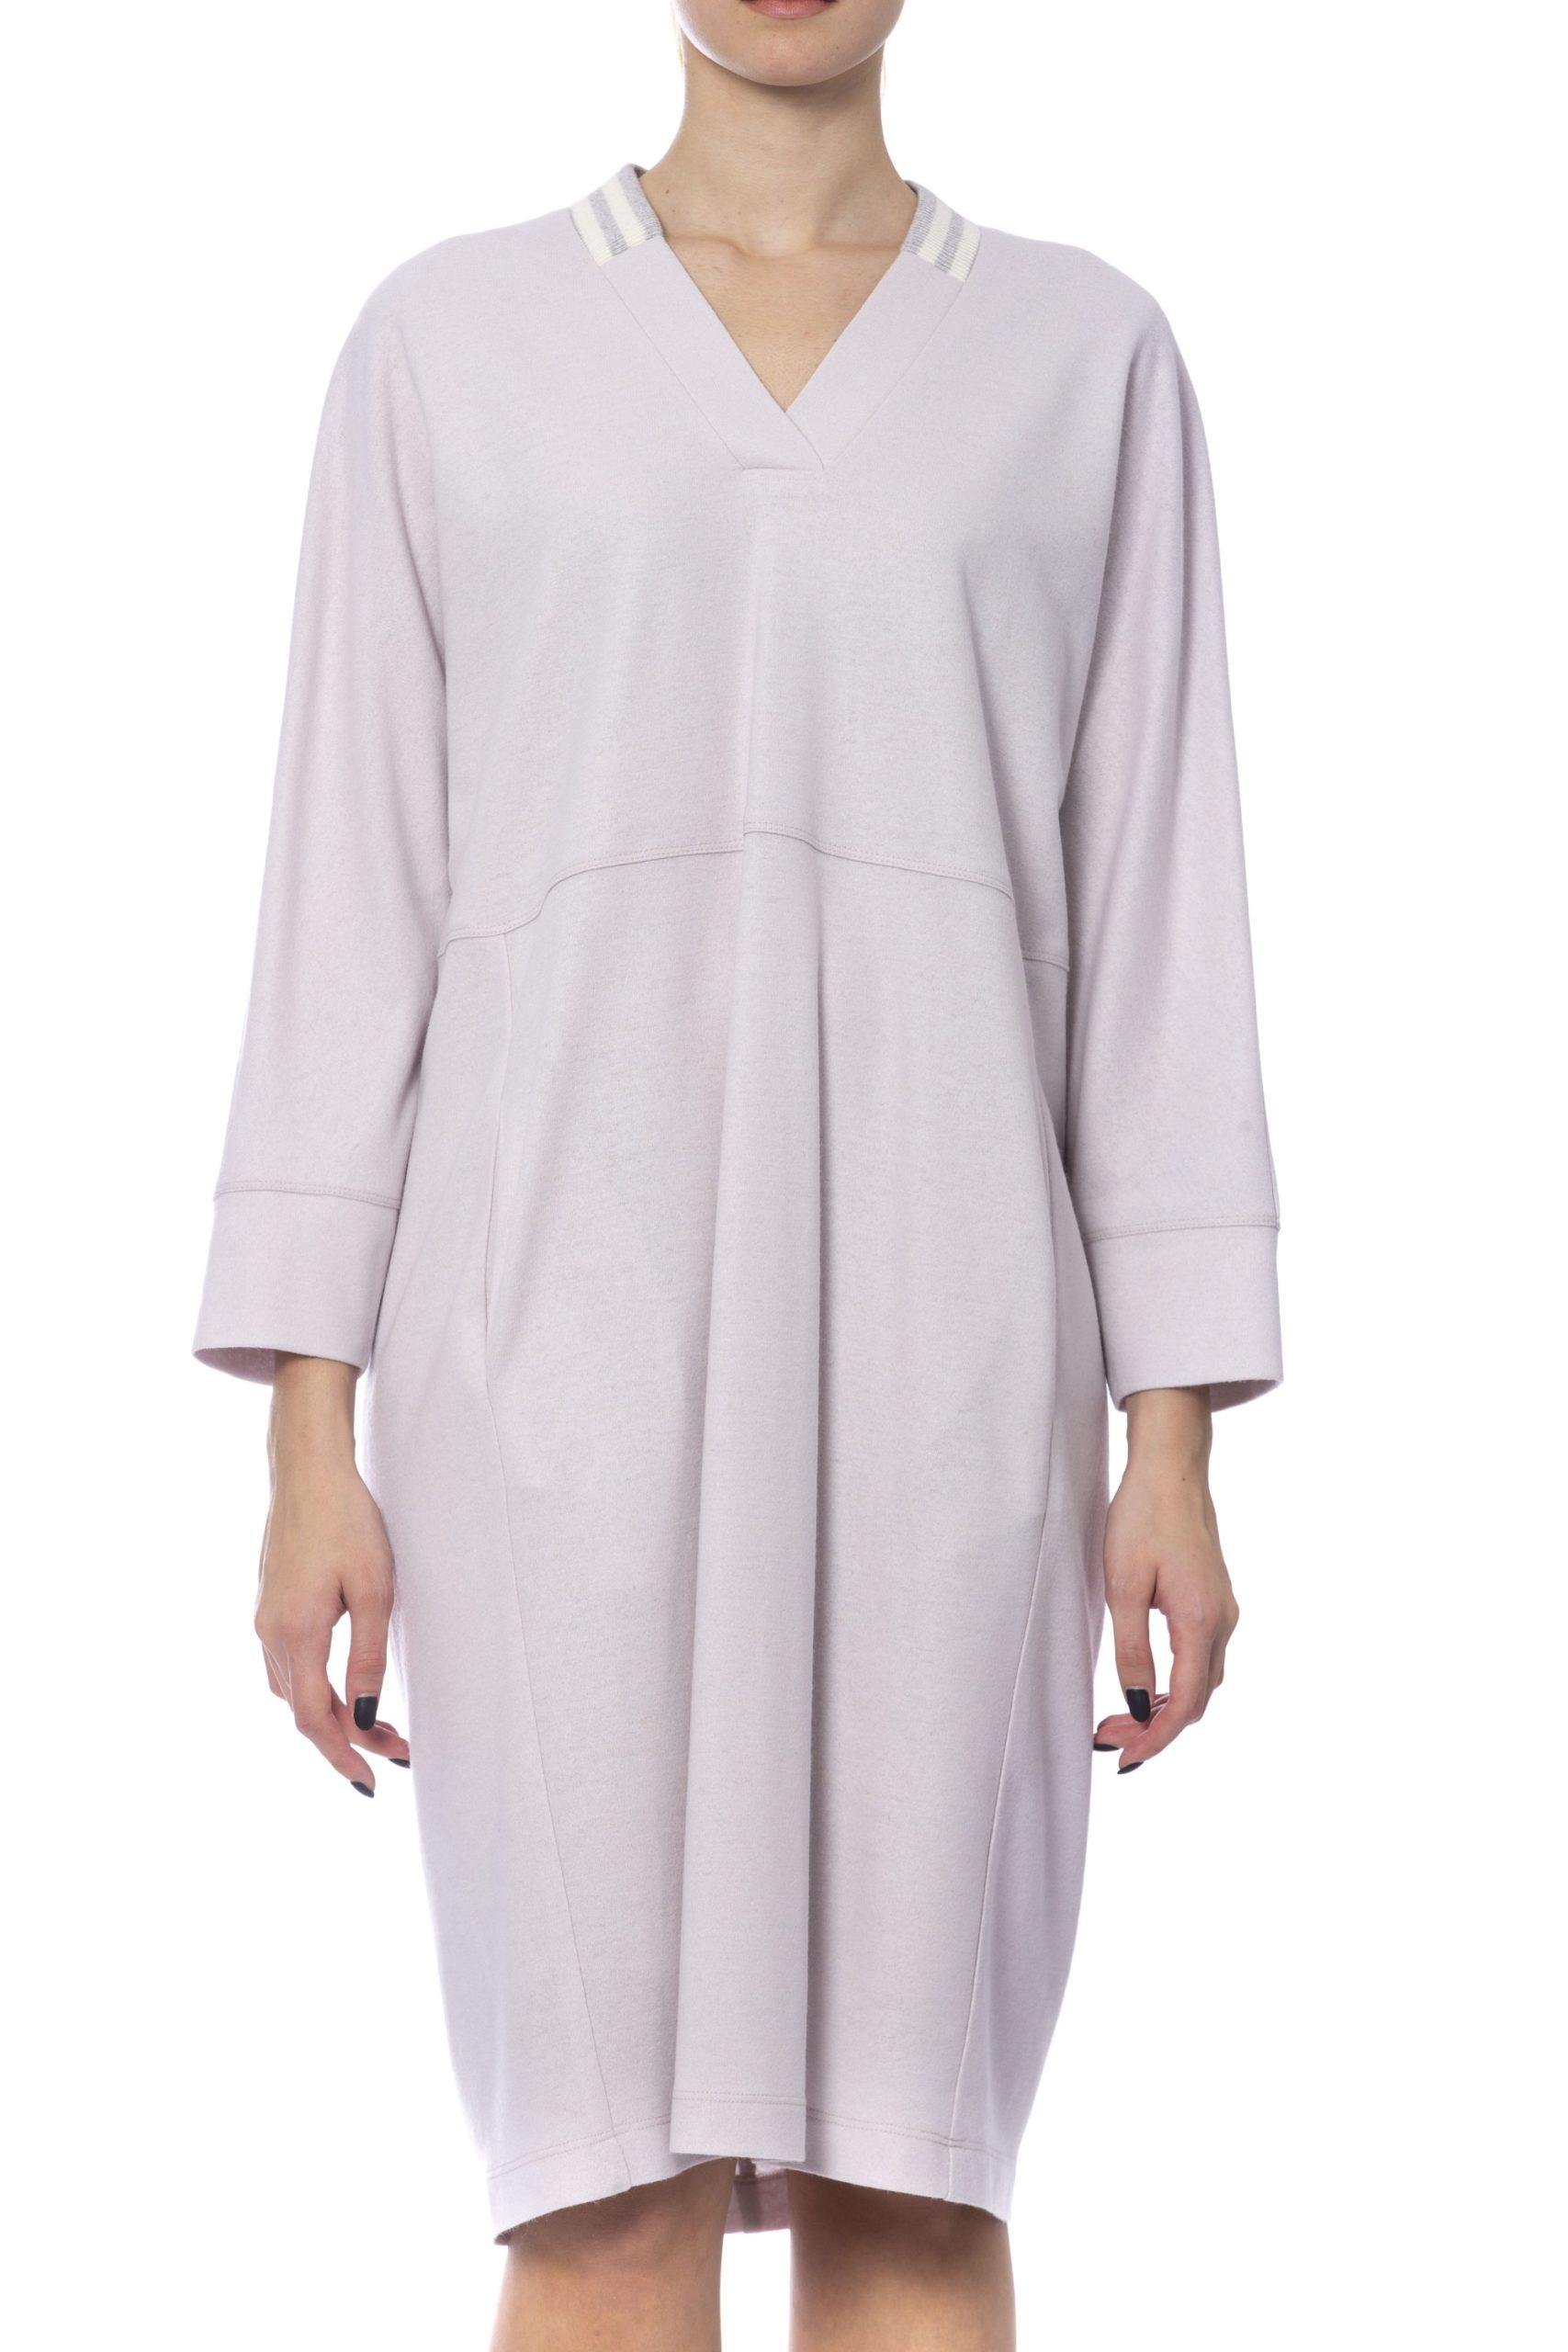 Peserico Women's Dress Beige PE992122 - IT42 | S